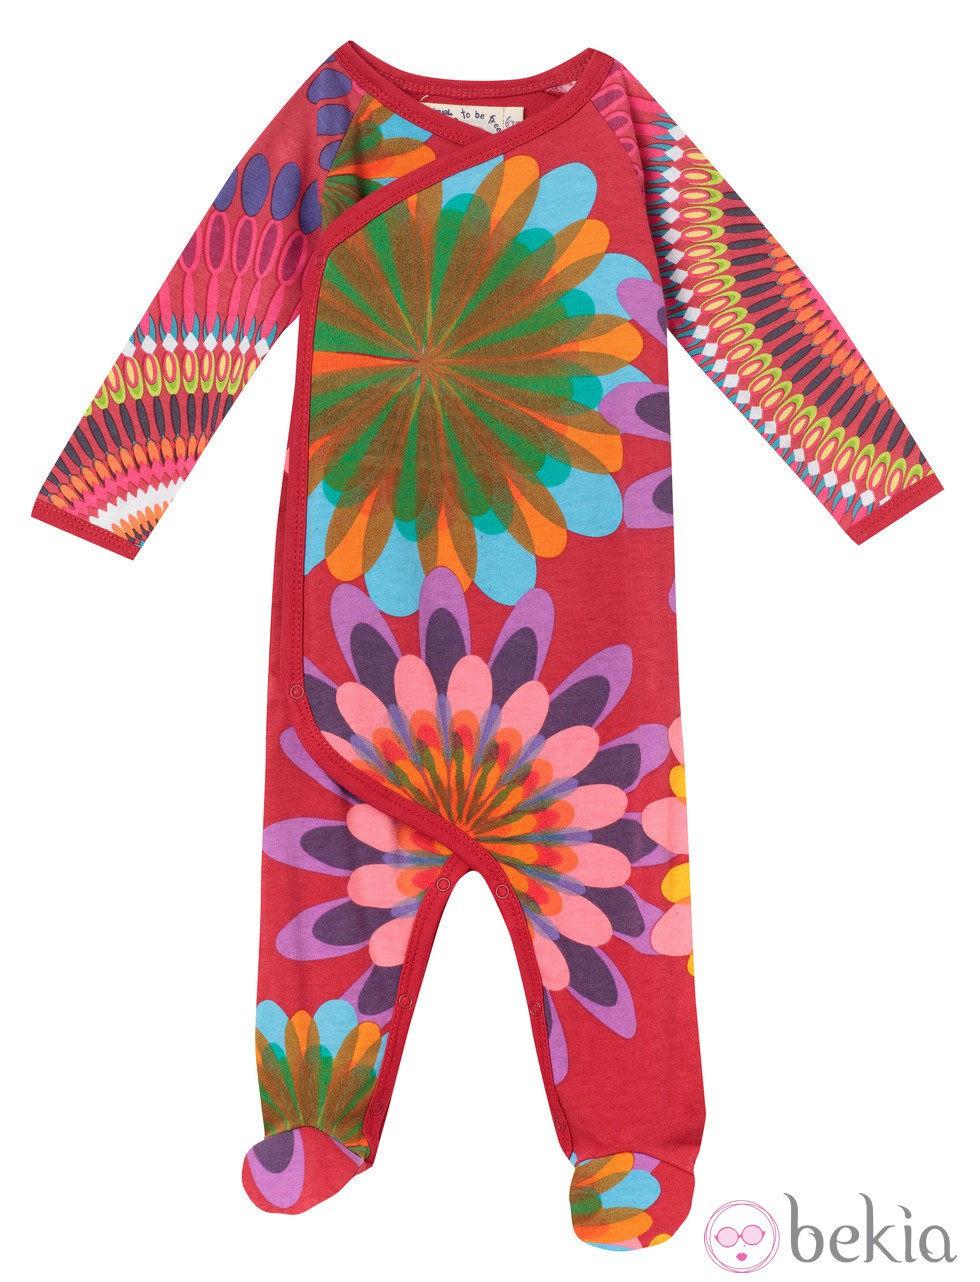 Body de colores de la línea 'Baby' de la firma Desigual